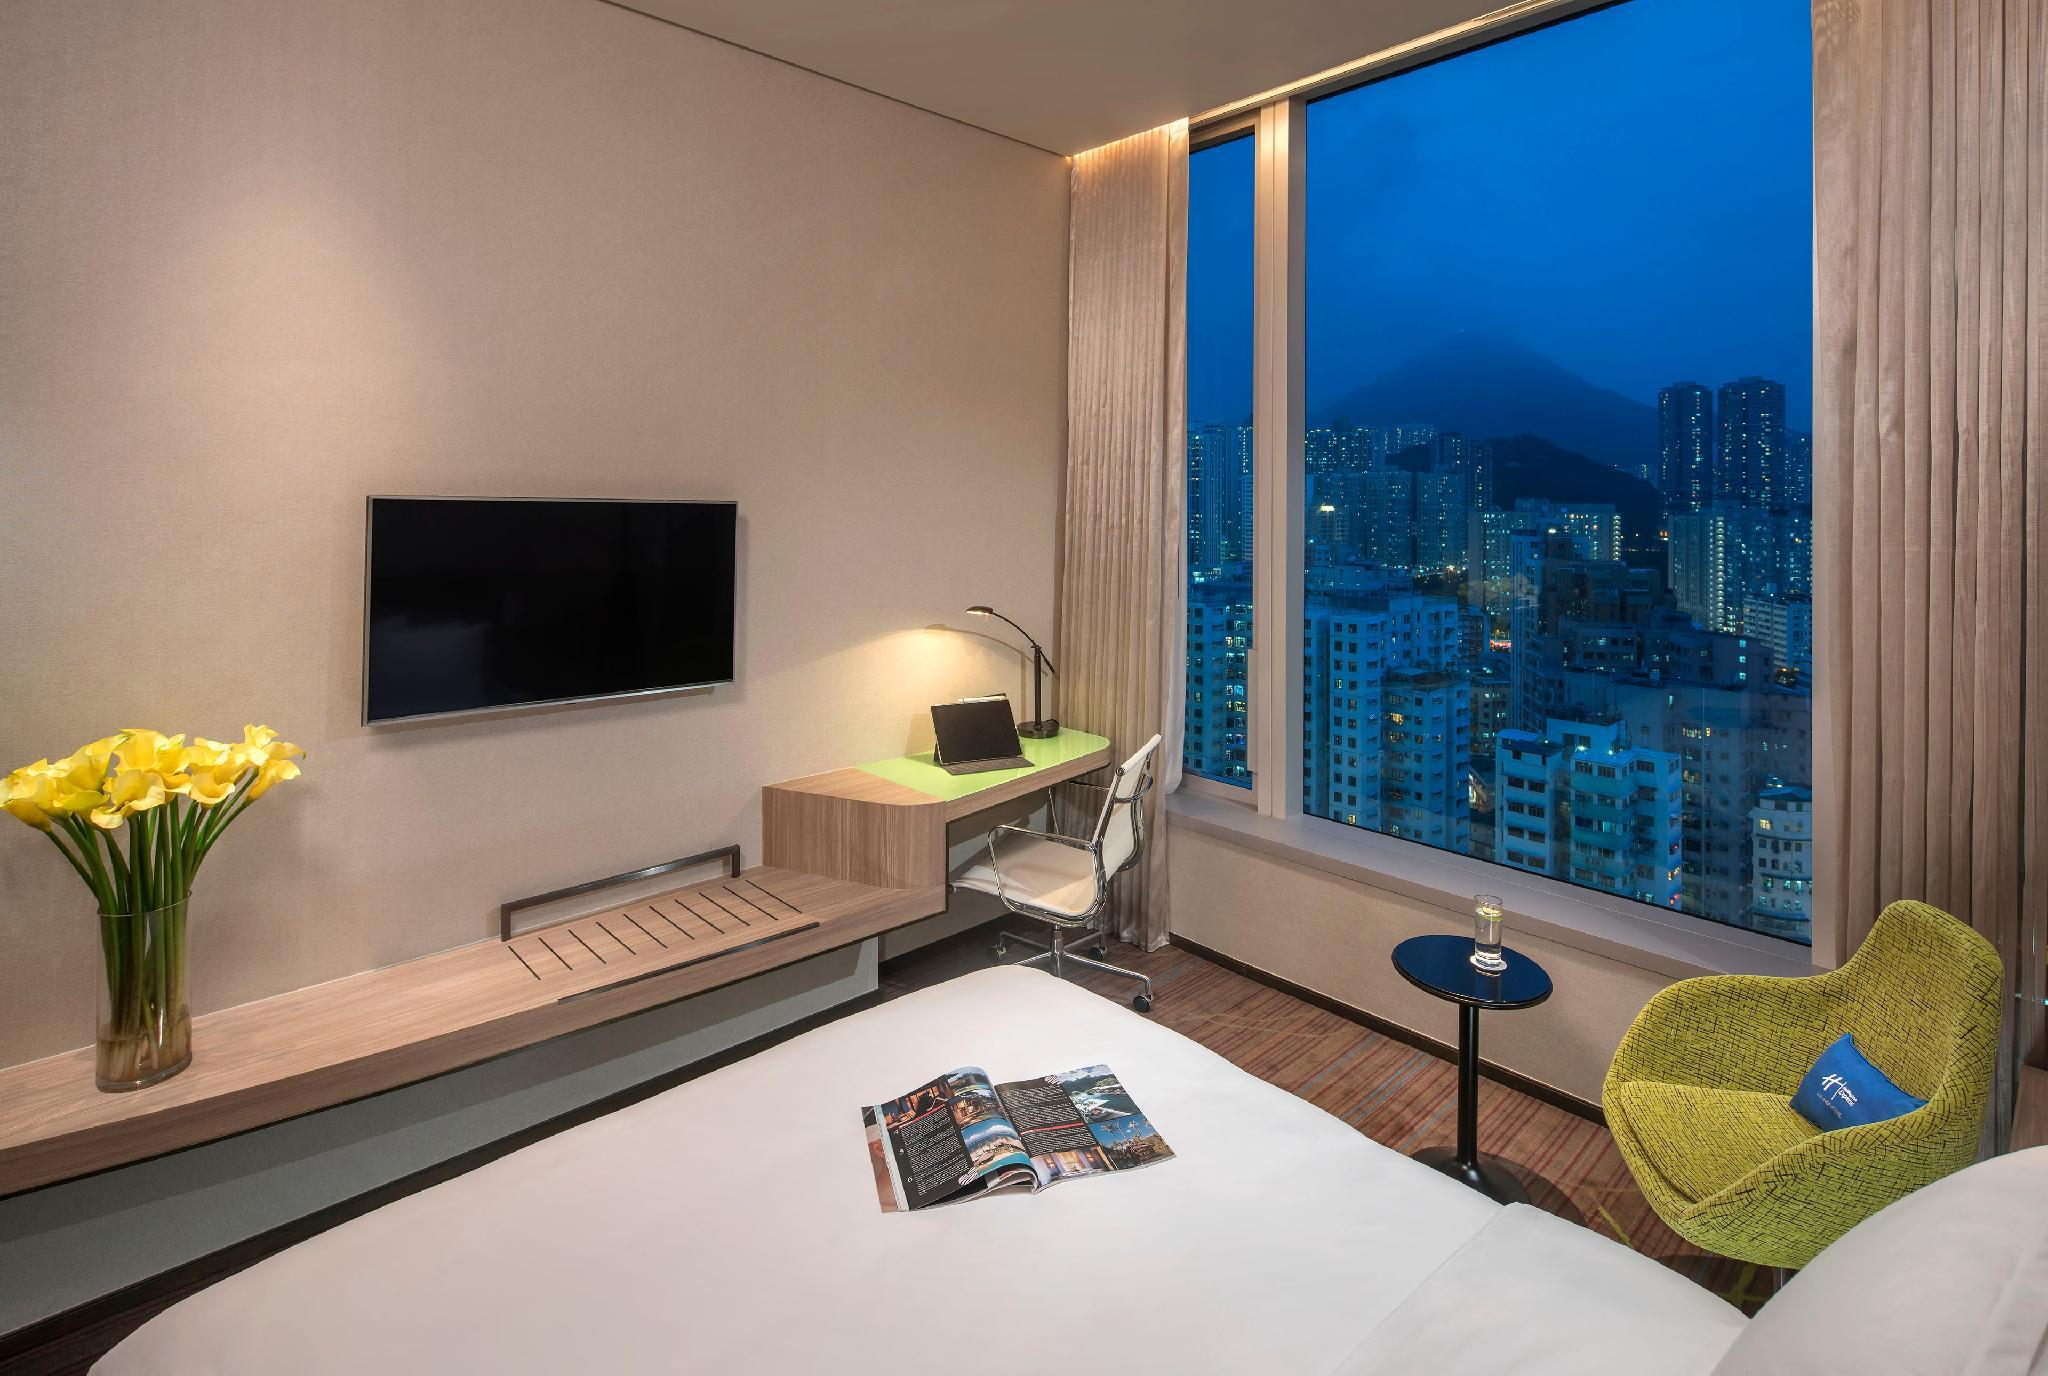 Holiday Inn Express Hong Kong Kowloon CBD2, Kwun Tong